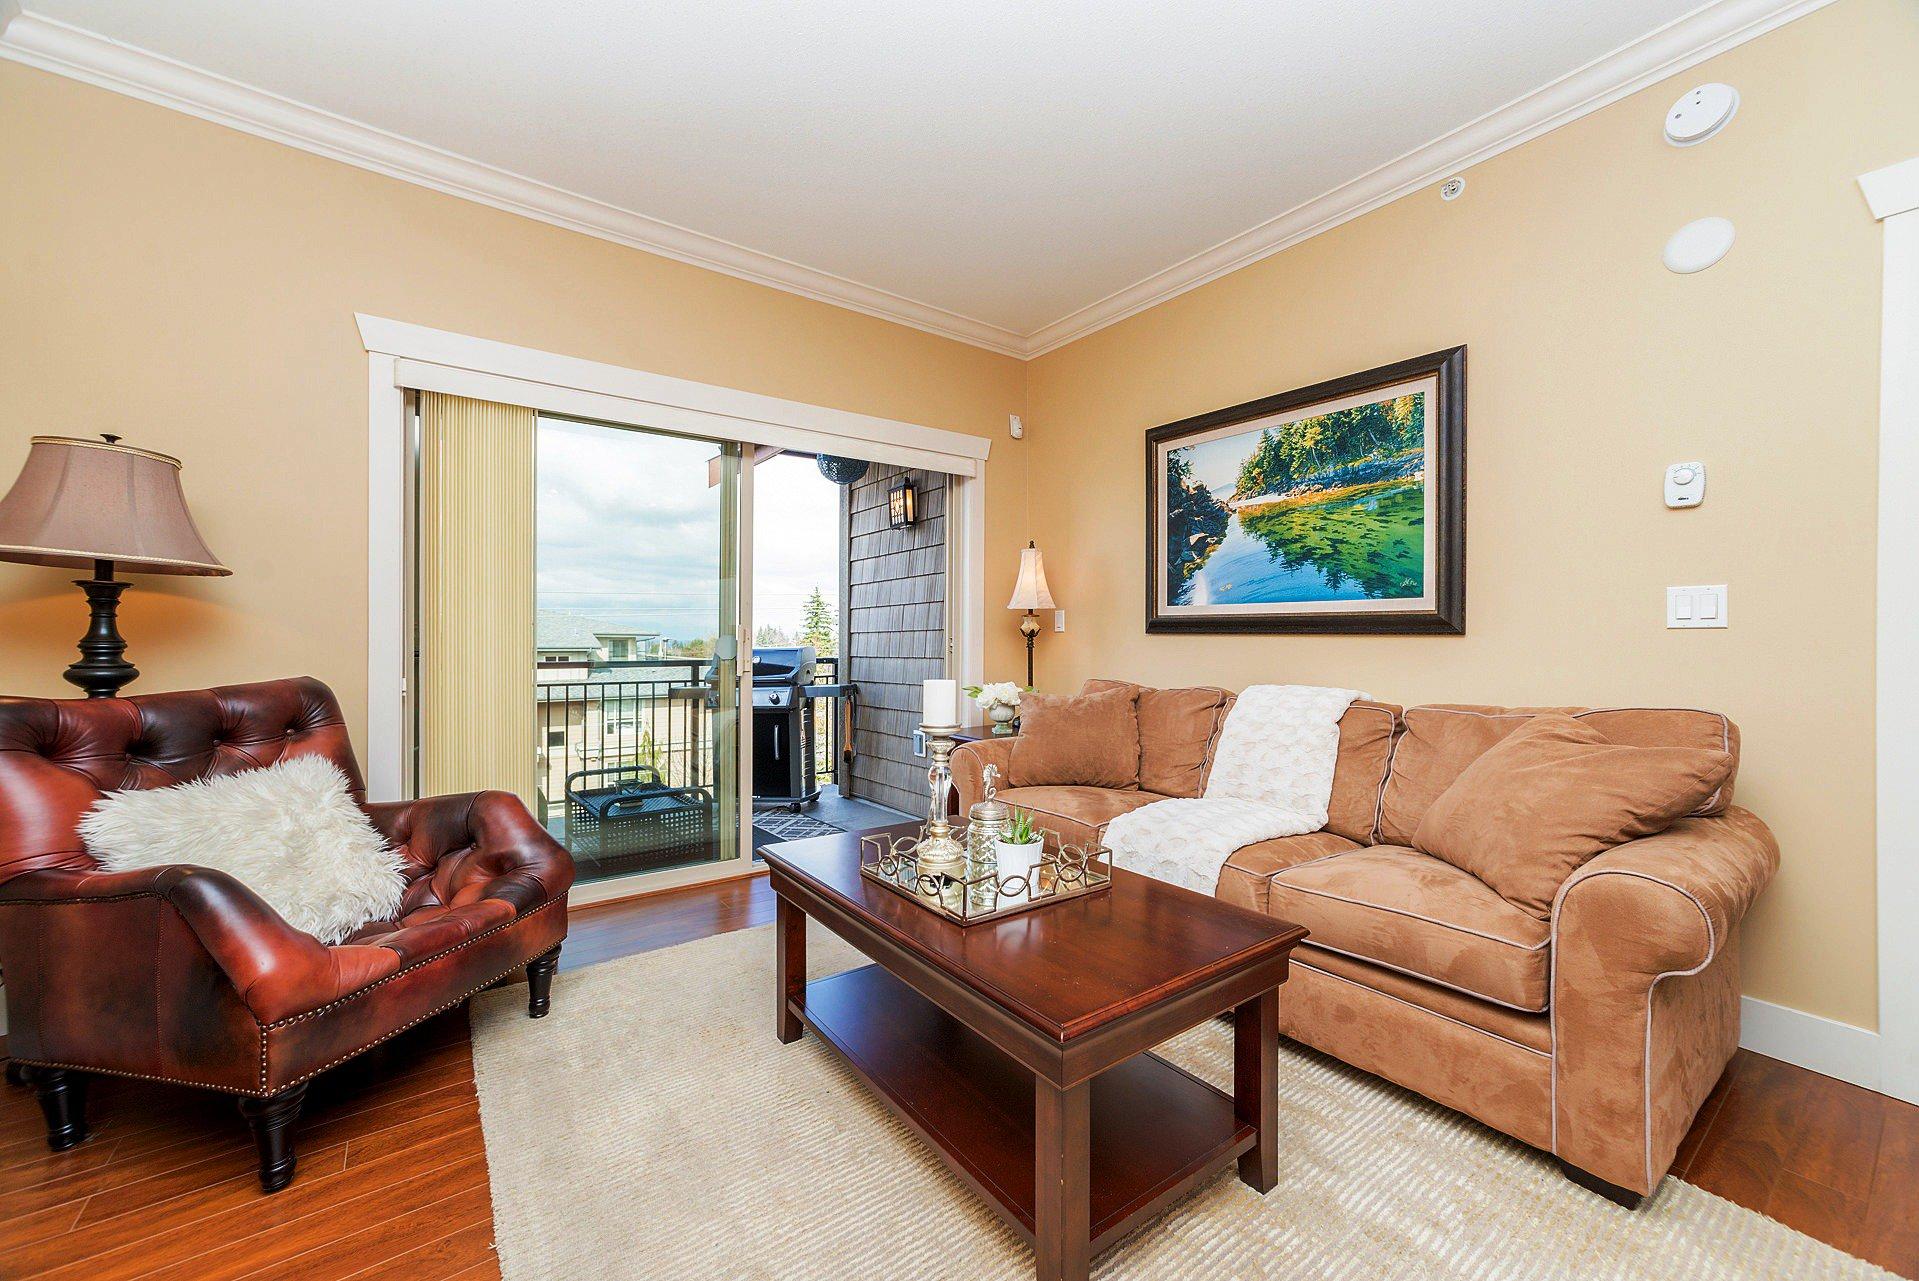 """Photo 10: Photos: 408 15368 17A Avenue in Surrey: King George Corridor Condo for sale in """"OCEAN WYNDE"""" (South Surrey White Rock)  : MLS®# R2249492"""